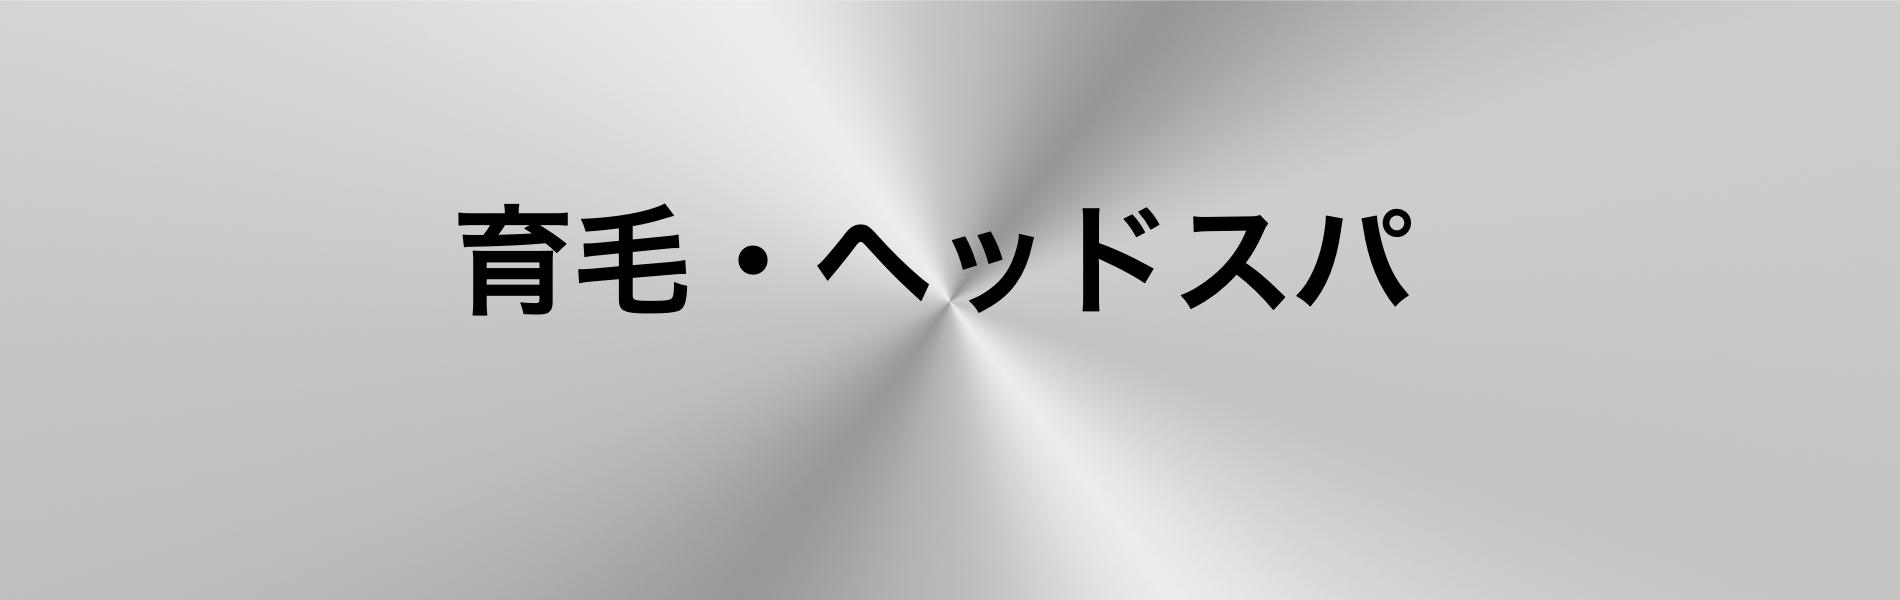 育毛・ヘッドスパ2